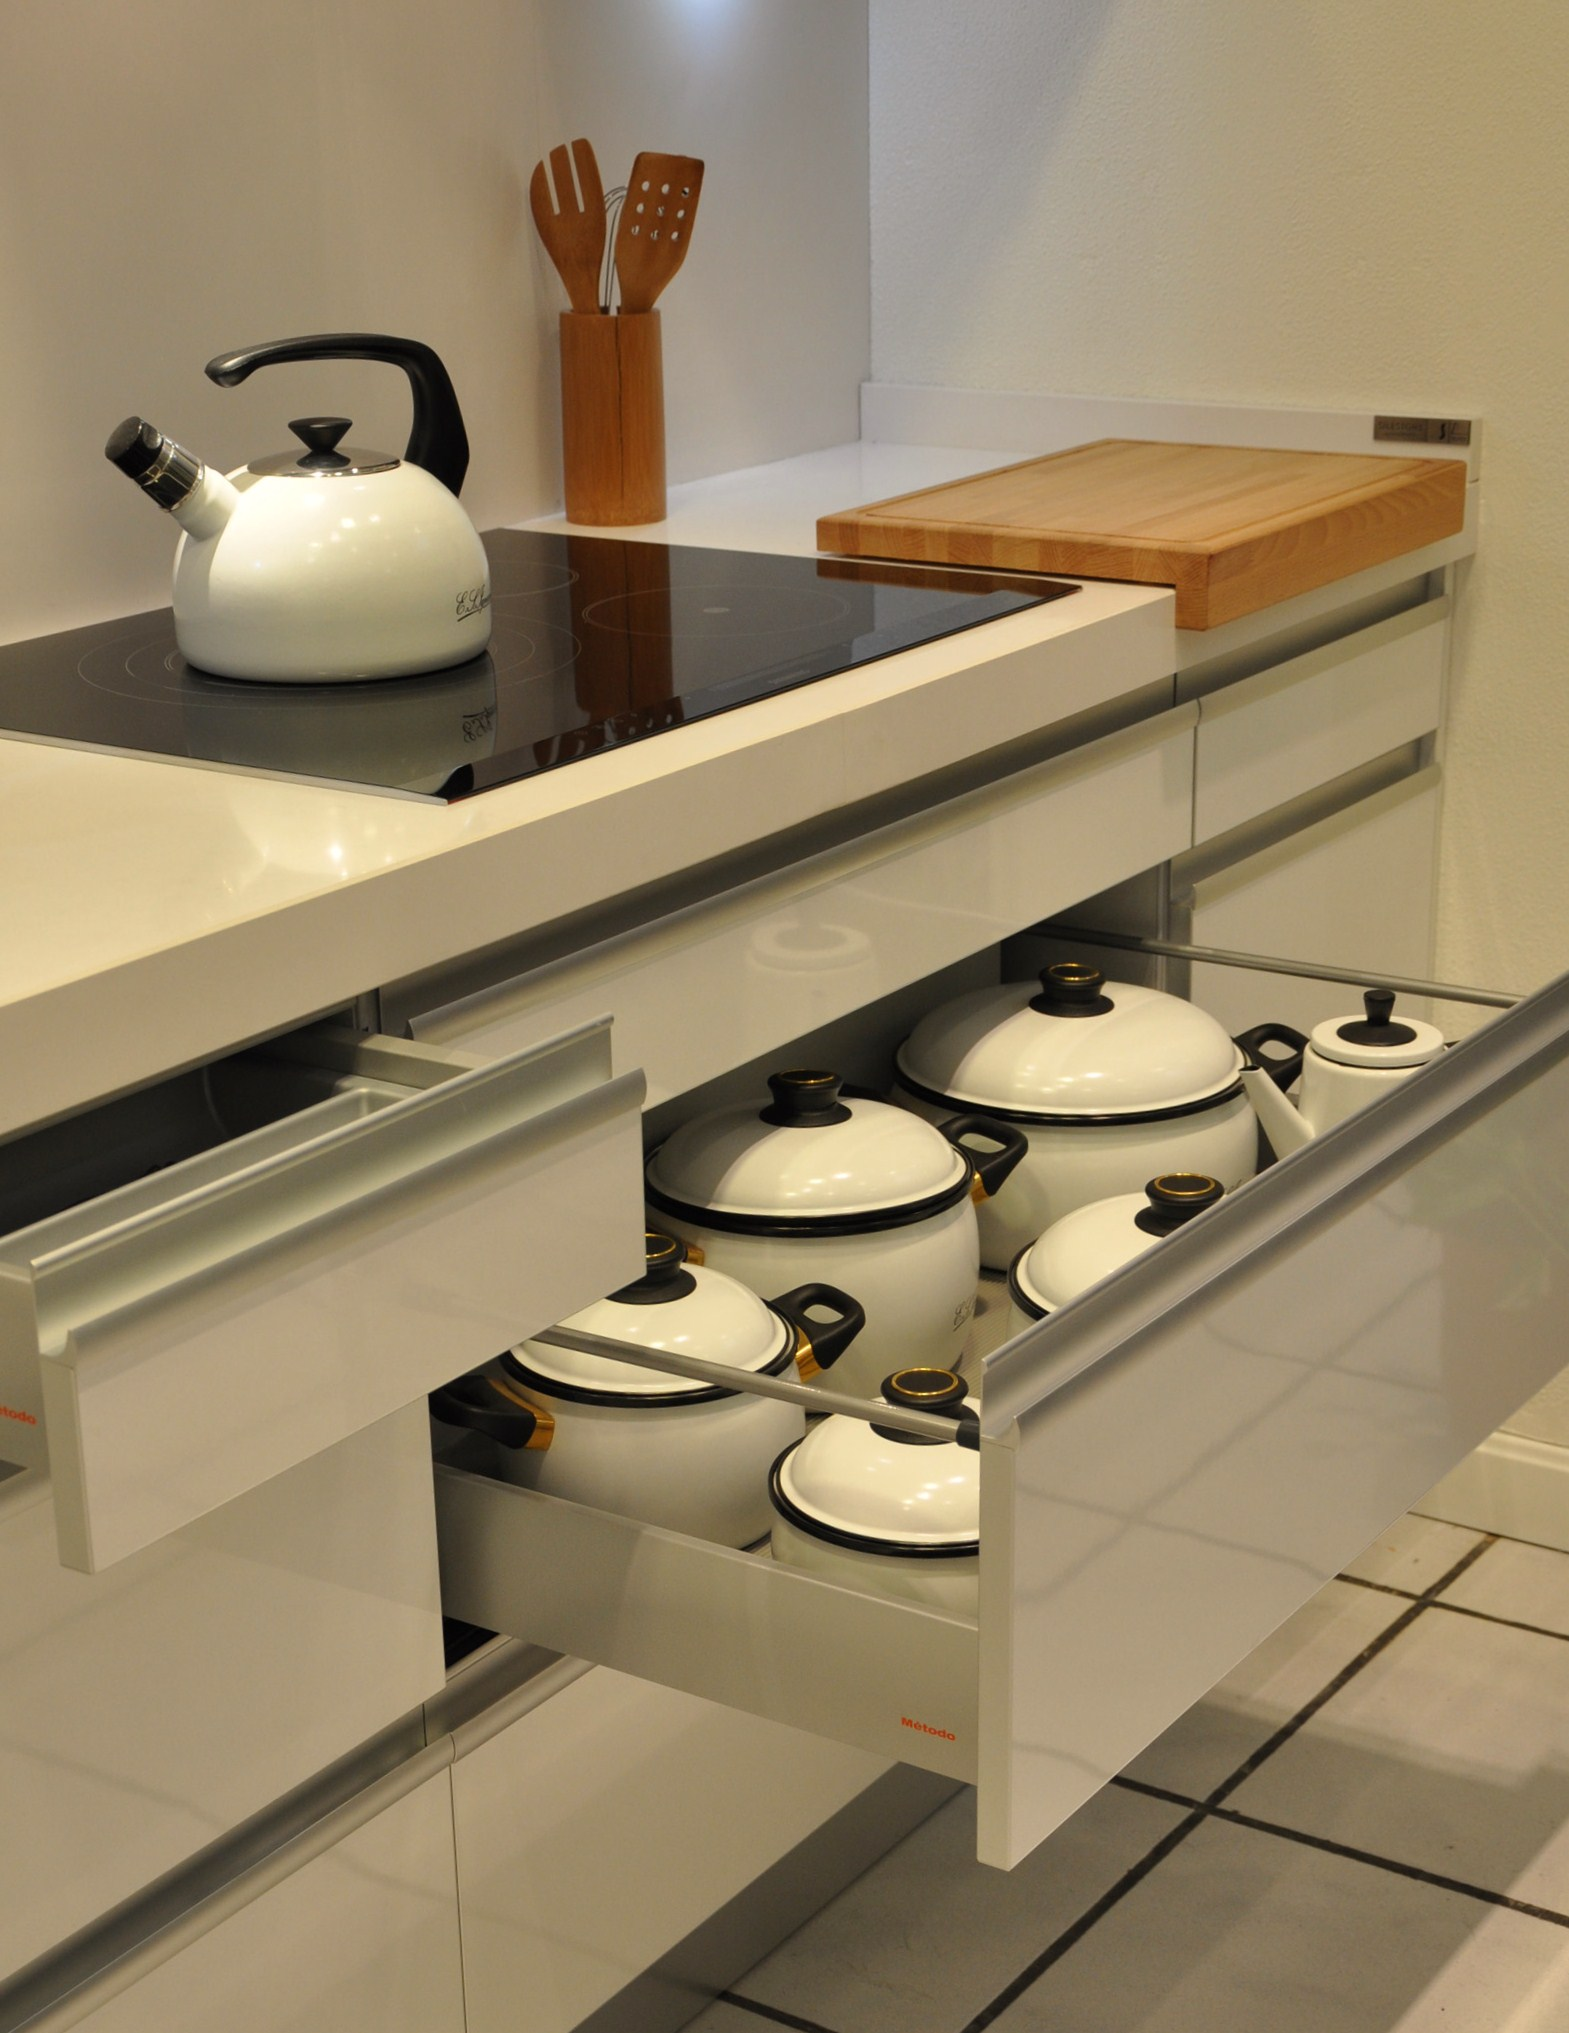 Detalle cocina Serie 25.90 Logos